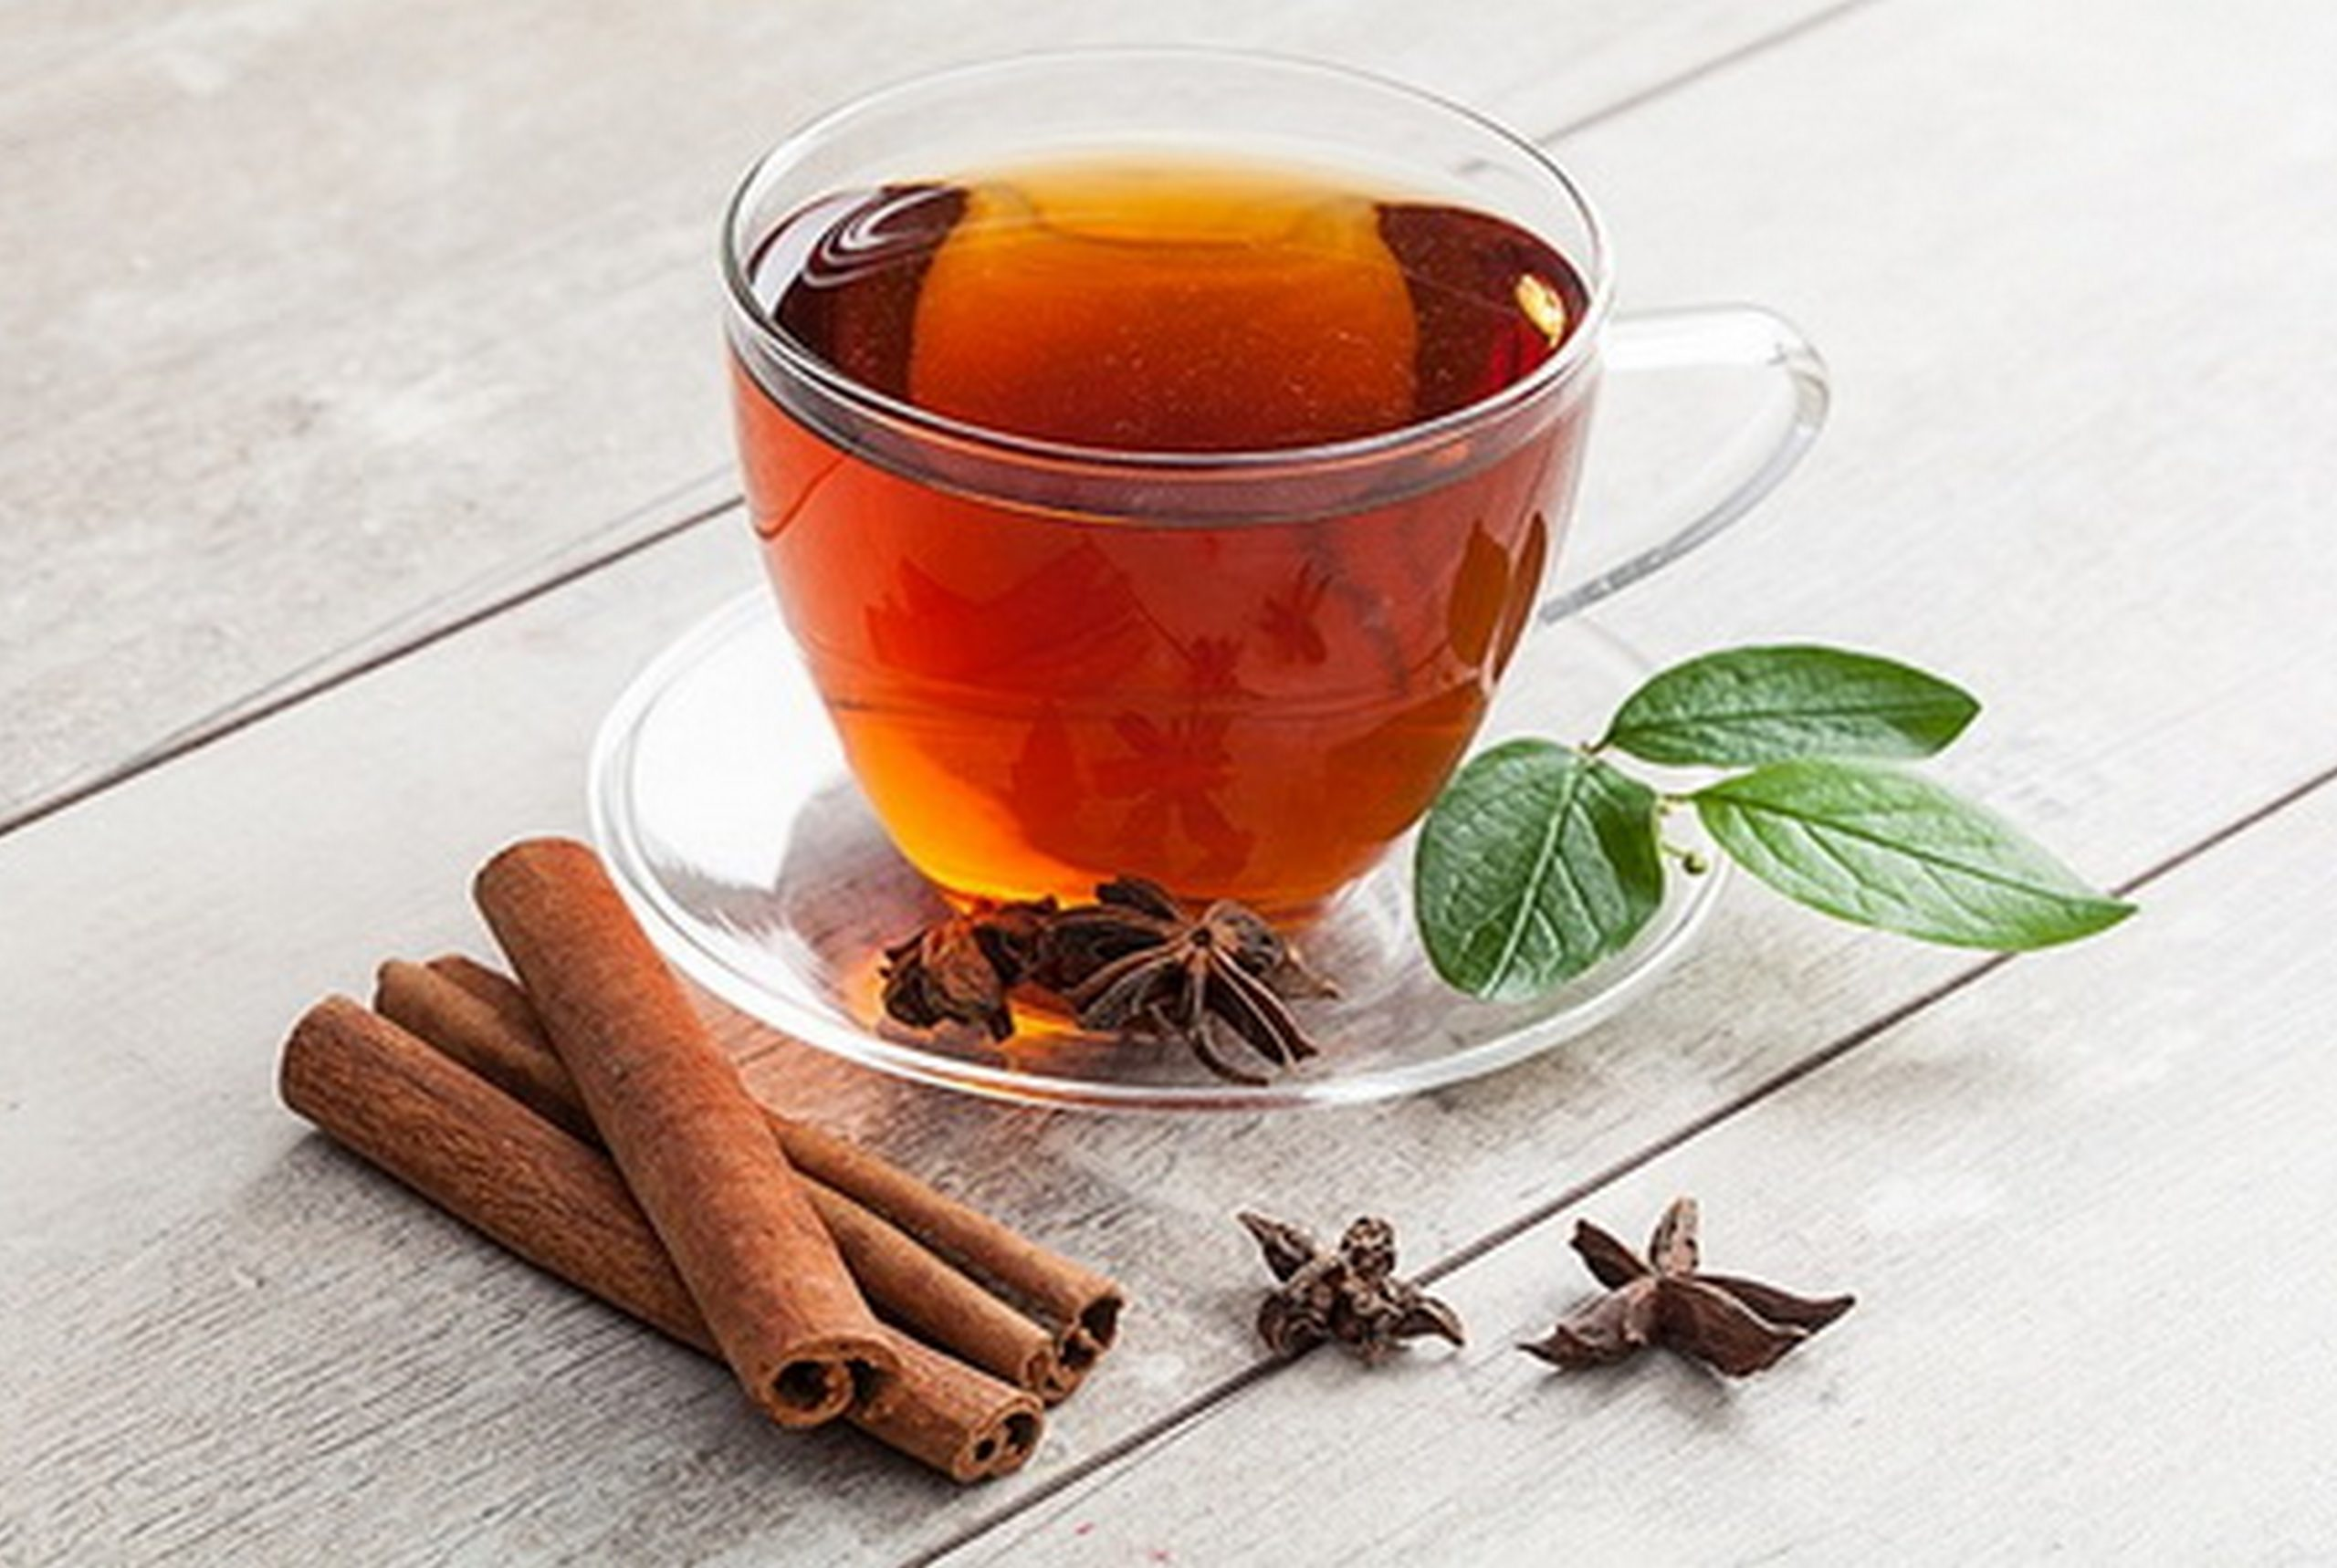 Чай с корицей – как приготовить, польза и вред пряного напитка